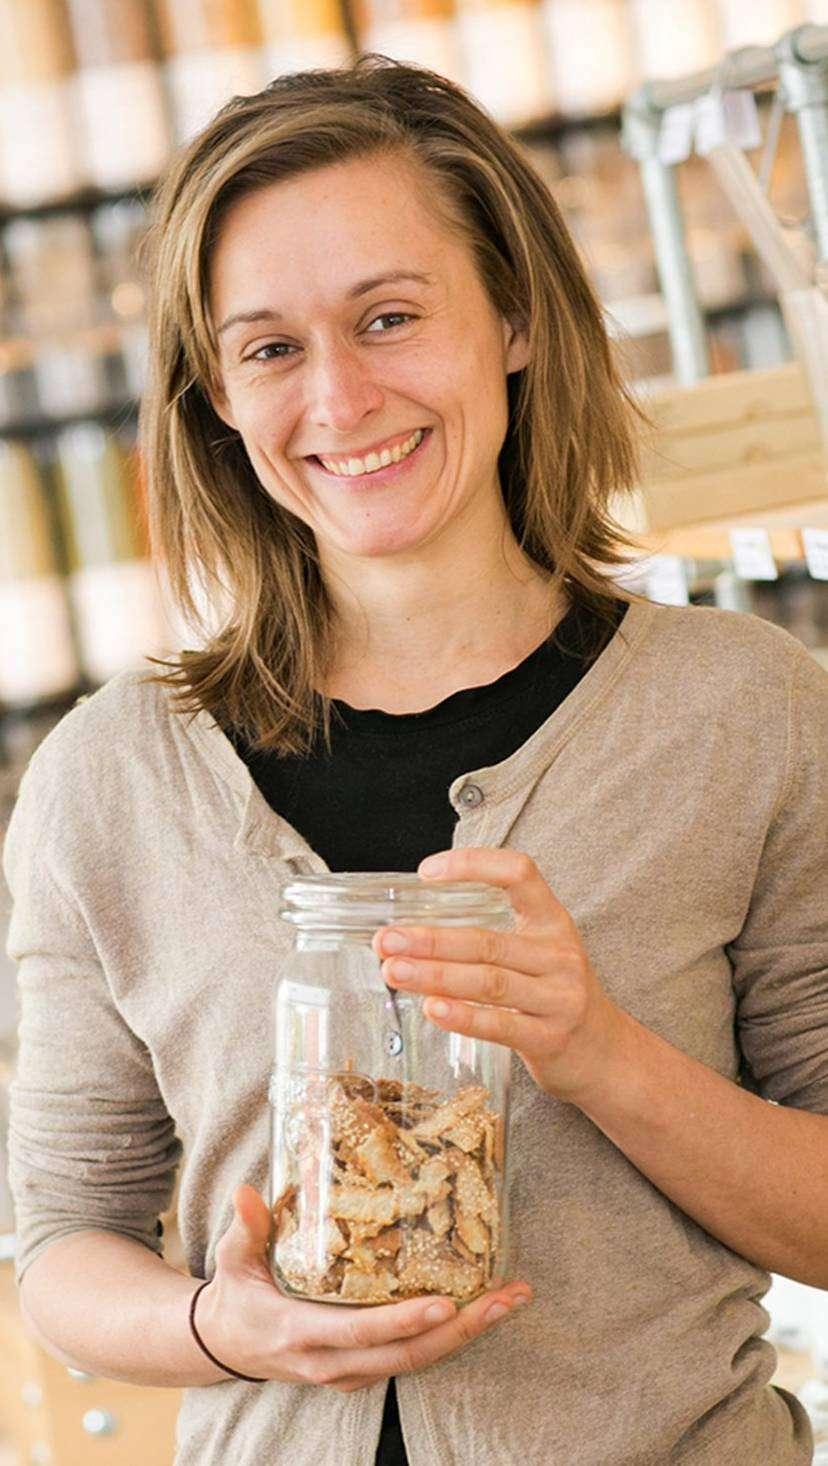 Olga Witt ist überzeugt davon: Ein Leben ohne Abfall ist möglich.